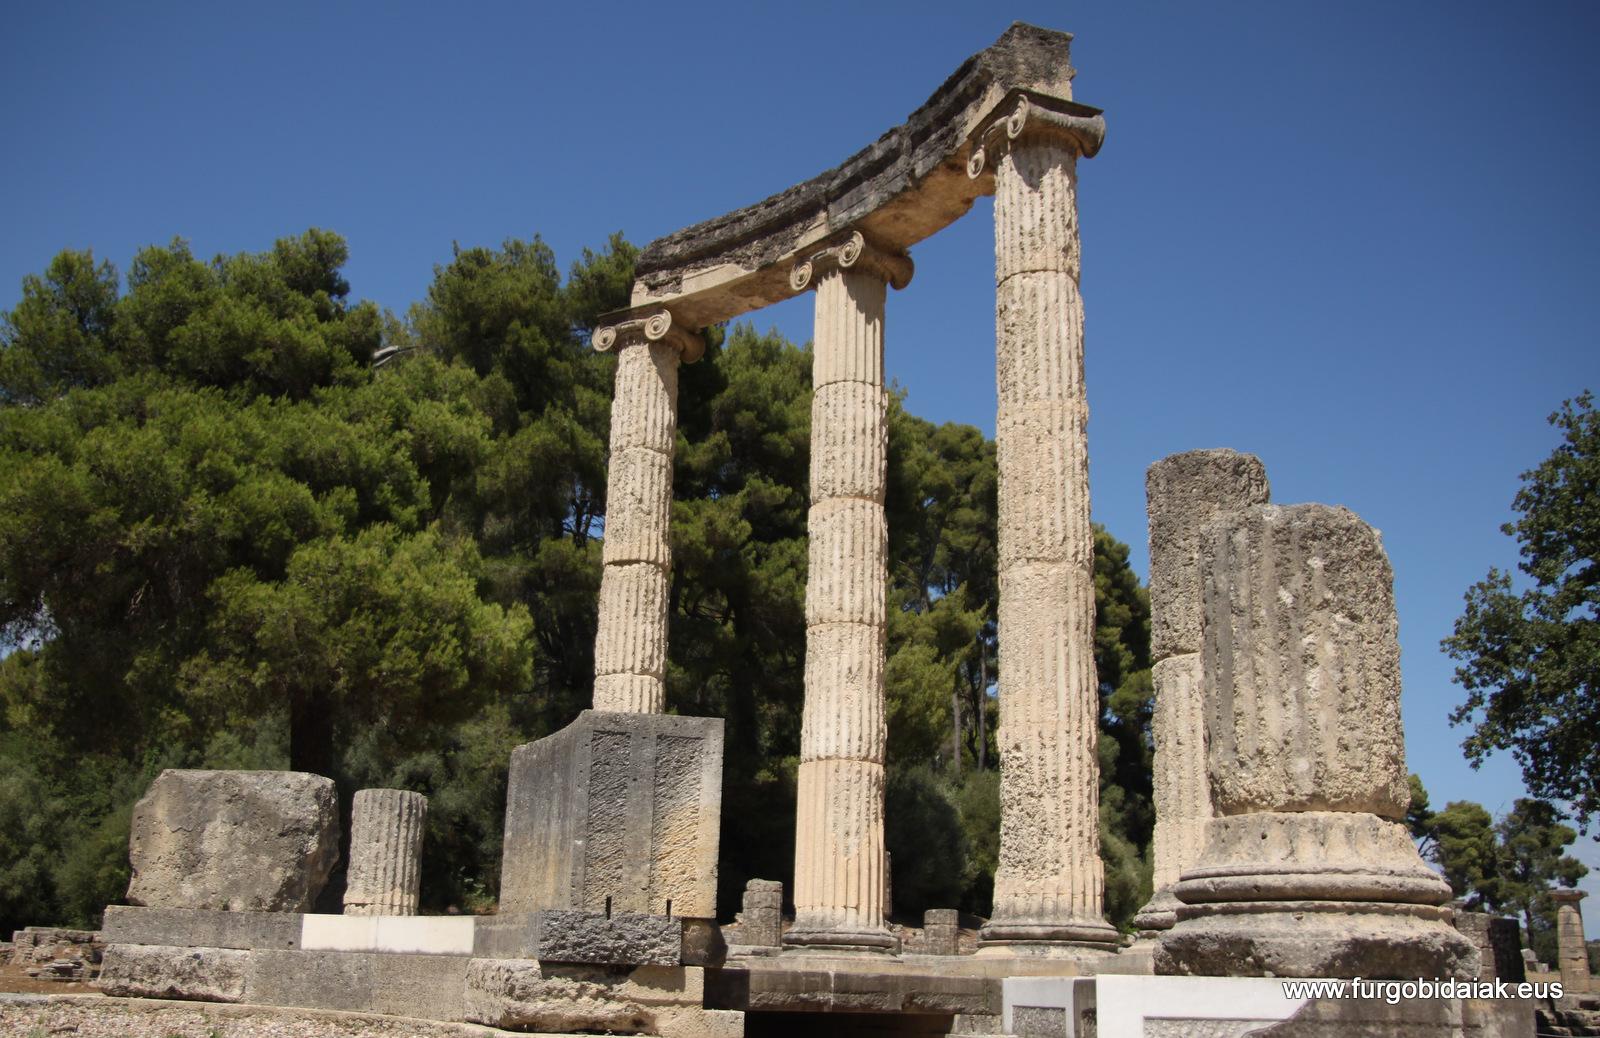 Templo de Hera, Olympia, el Peloponeso, Grecia